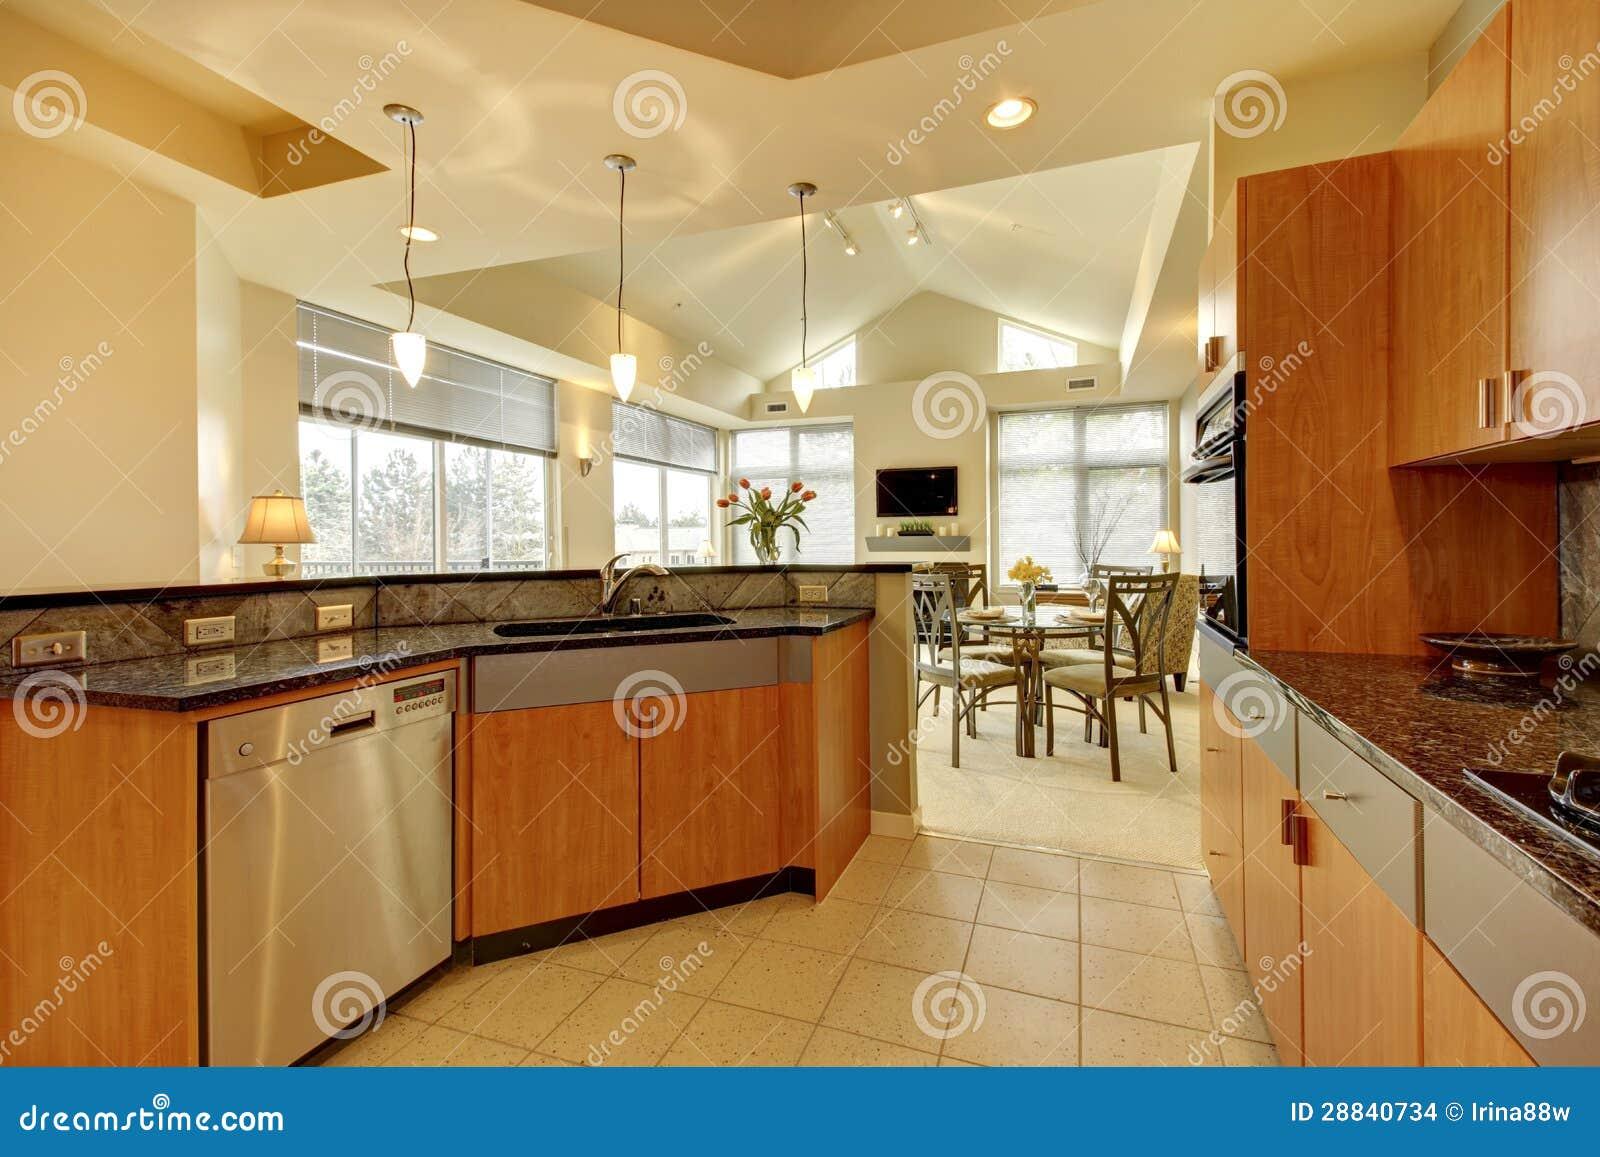 Stort modernt wood kök med vardagsrum- och kicktaket.